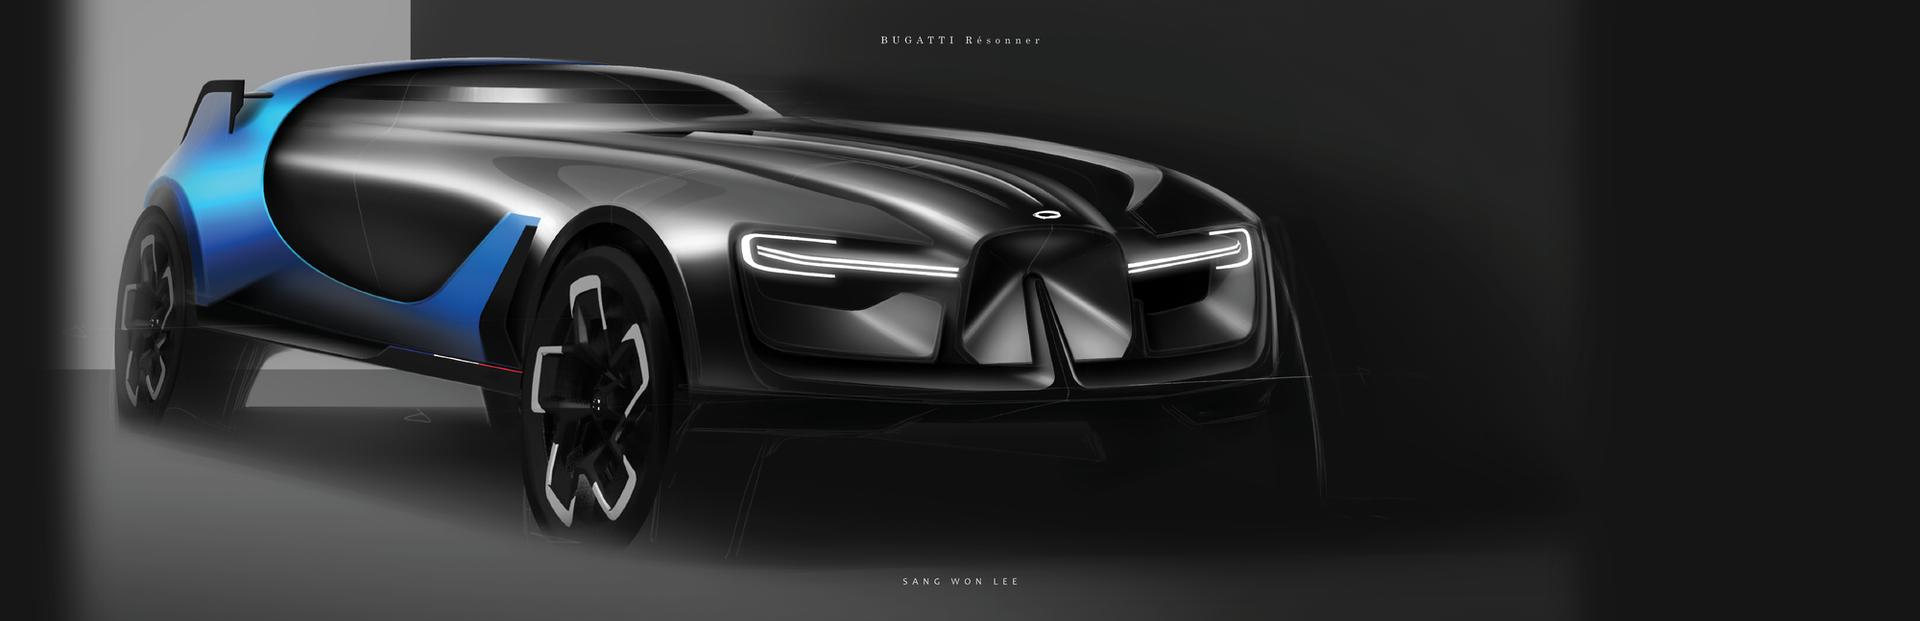 bugatti 34x1118.png